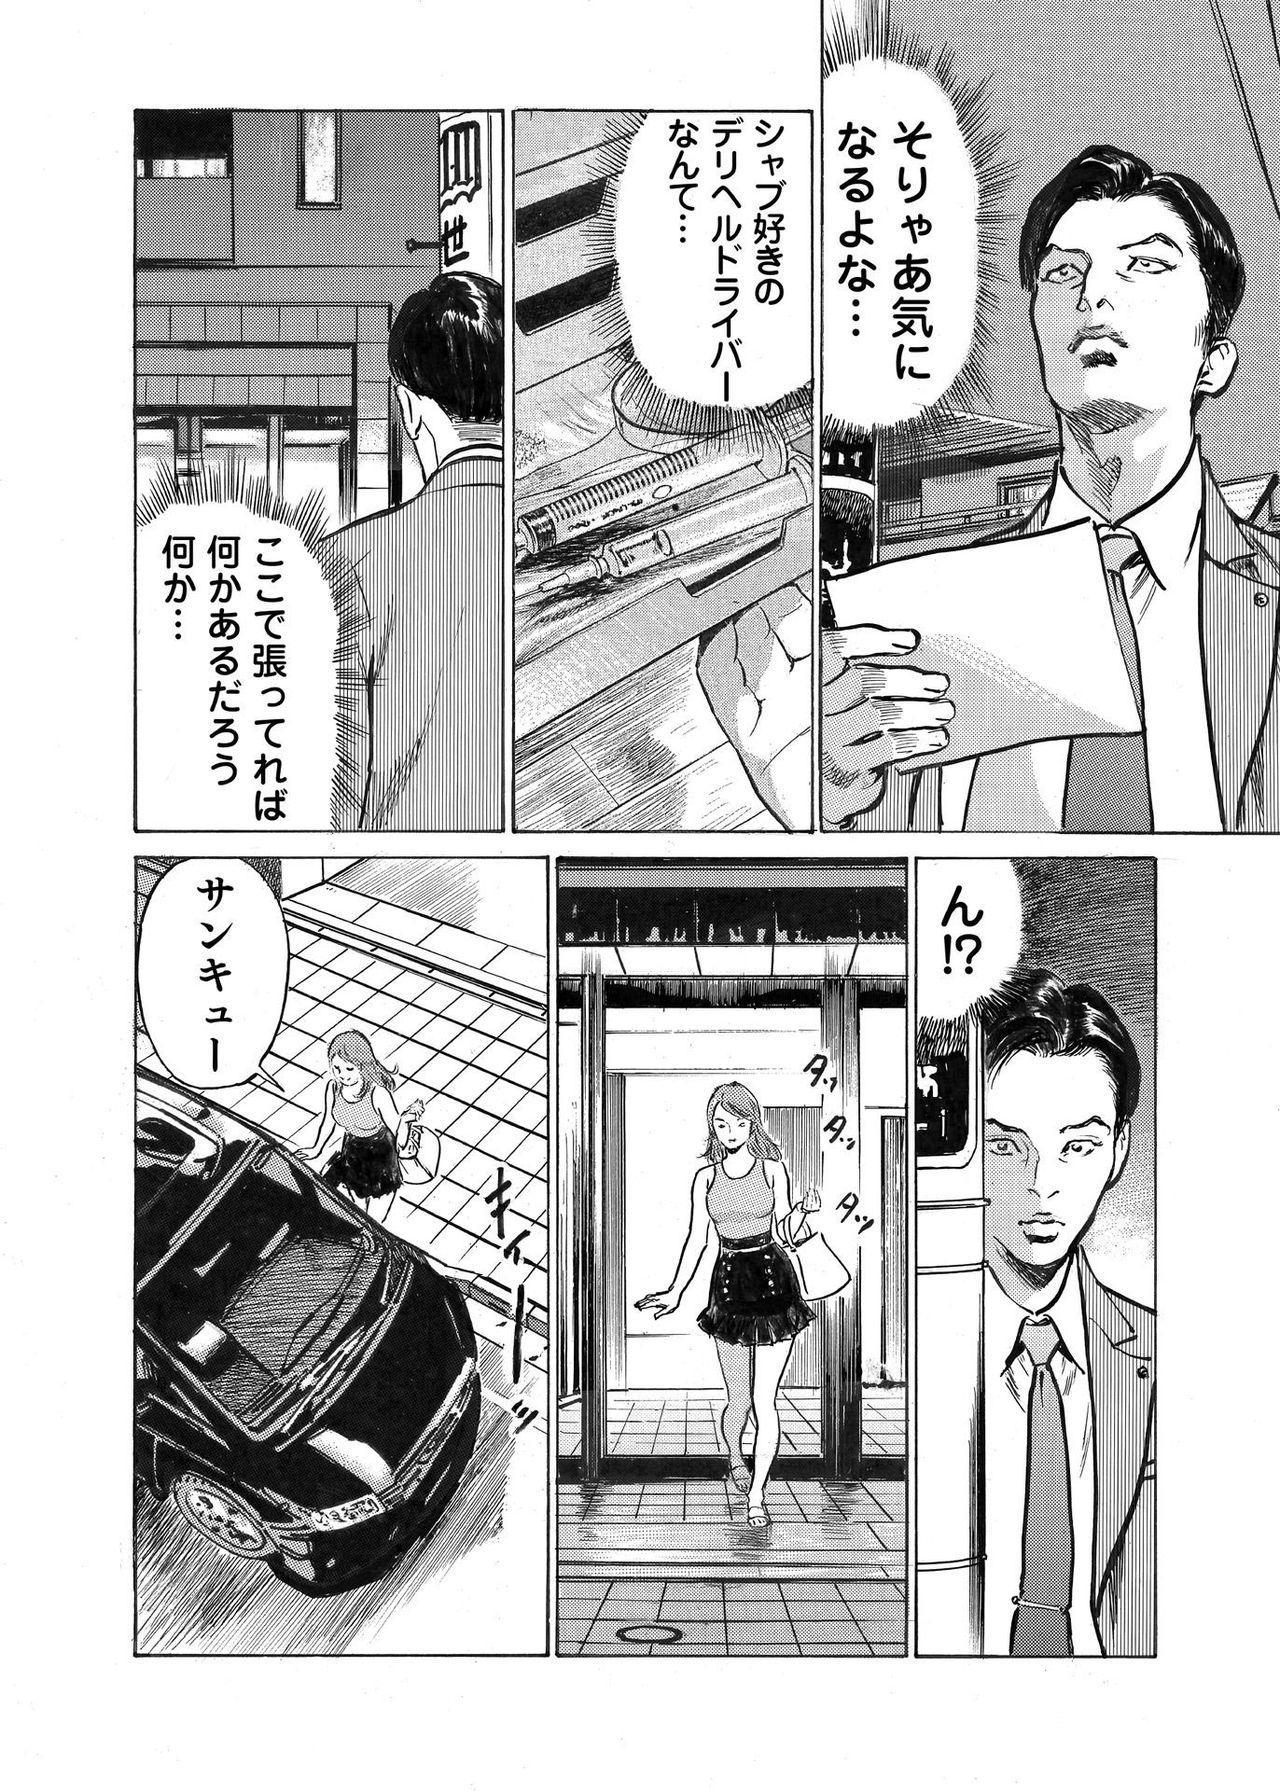 Ore wa Tsuma no Koto o Yoku Shiranai 1-9 202